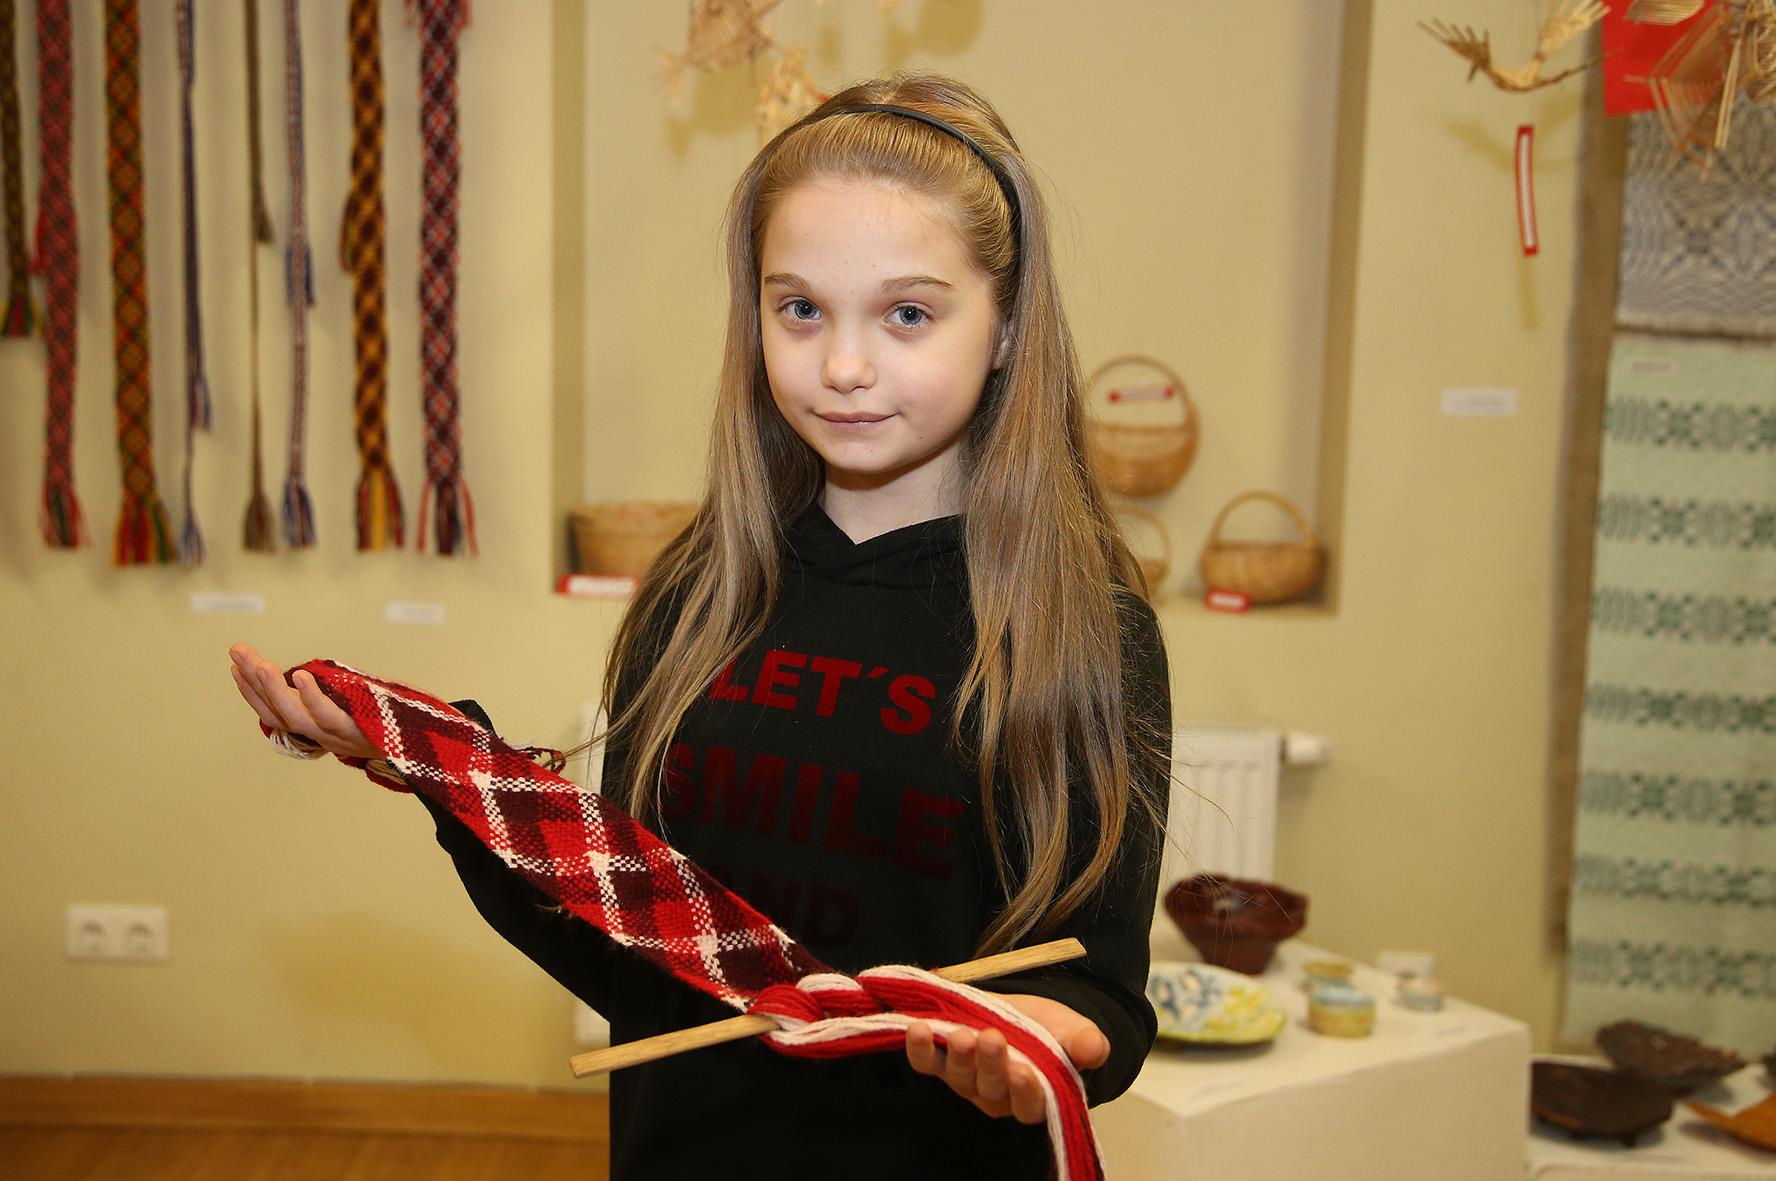 """Laura Steponavičiūtė: """"Su mamos pagalba esu išbandžiusi kurti visų tipų juostas, tačiau labiausiai mėgstu pinti eglines juosteles, apyrankes. Kitokie juostų gaminimo būdai sudėtingesni, jiems reikia daugiau pasiruošimo."""" Algimanto Barzdžiaus nuotr."""